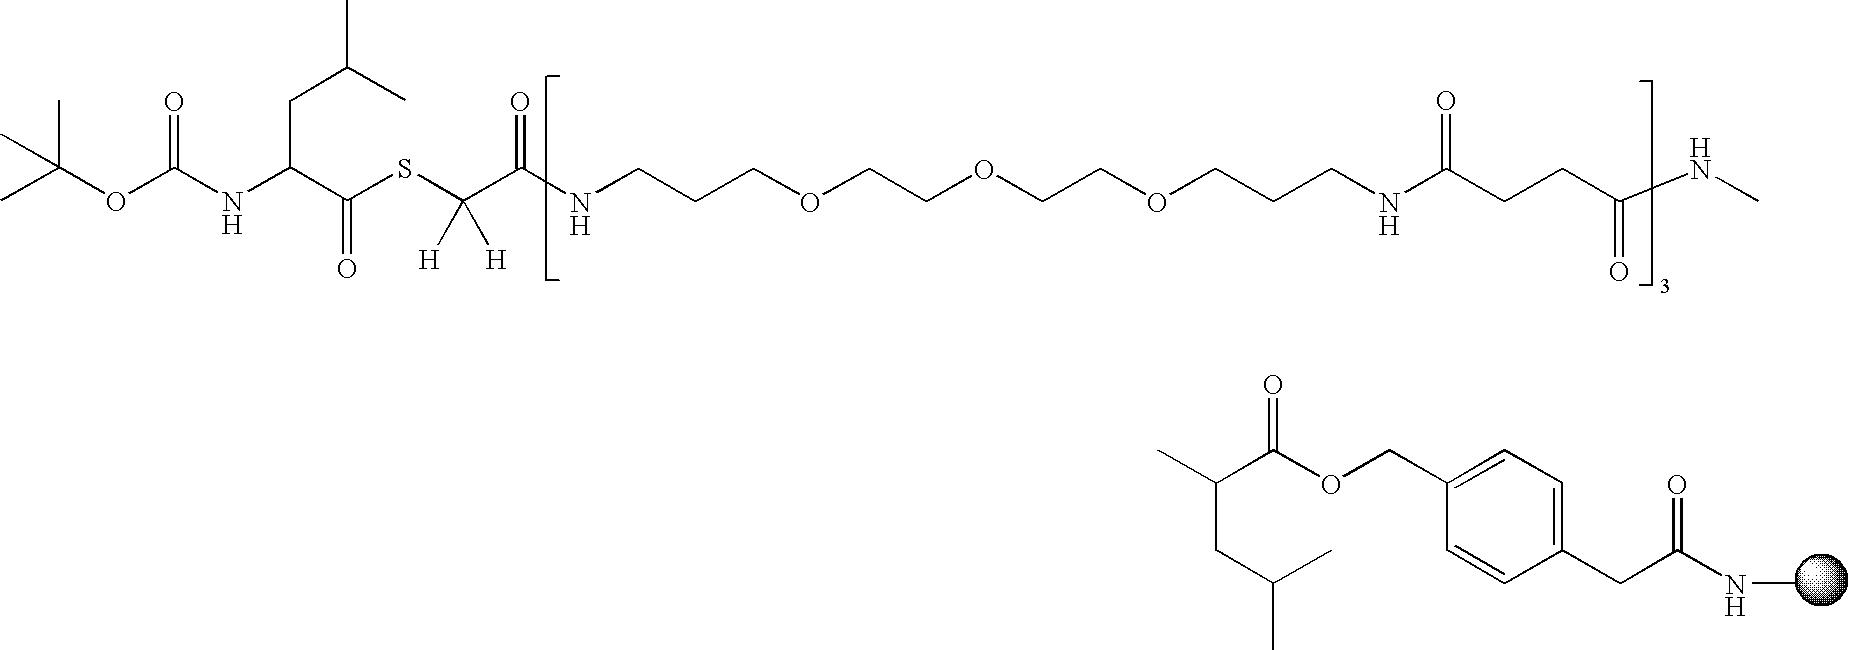 Figure US20060173159A1-20060803-C00018